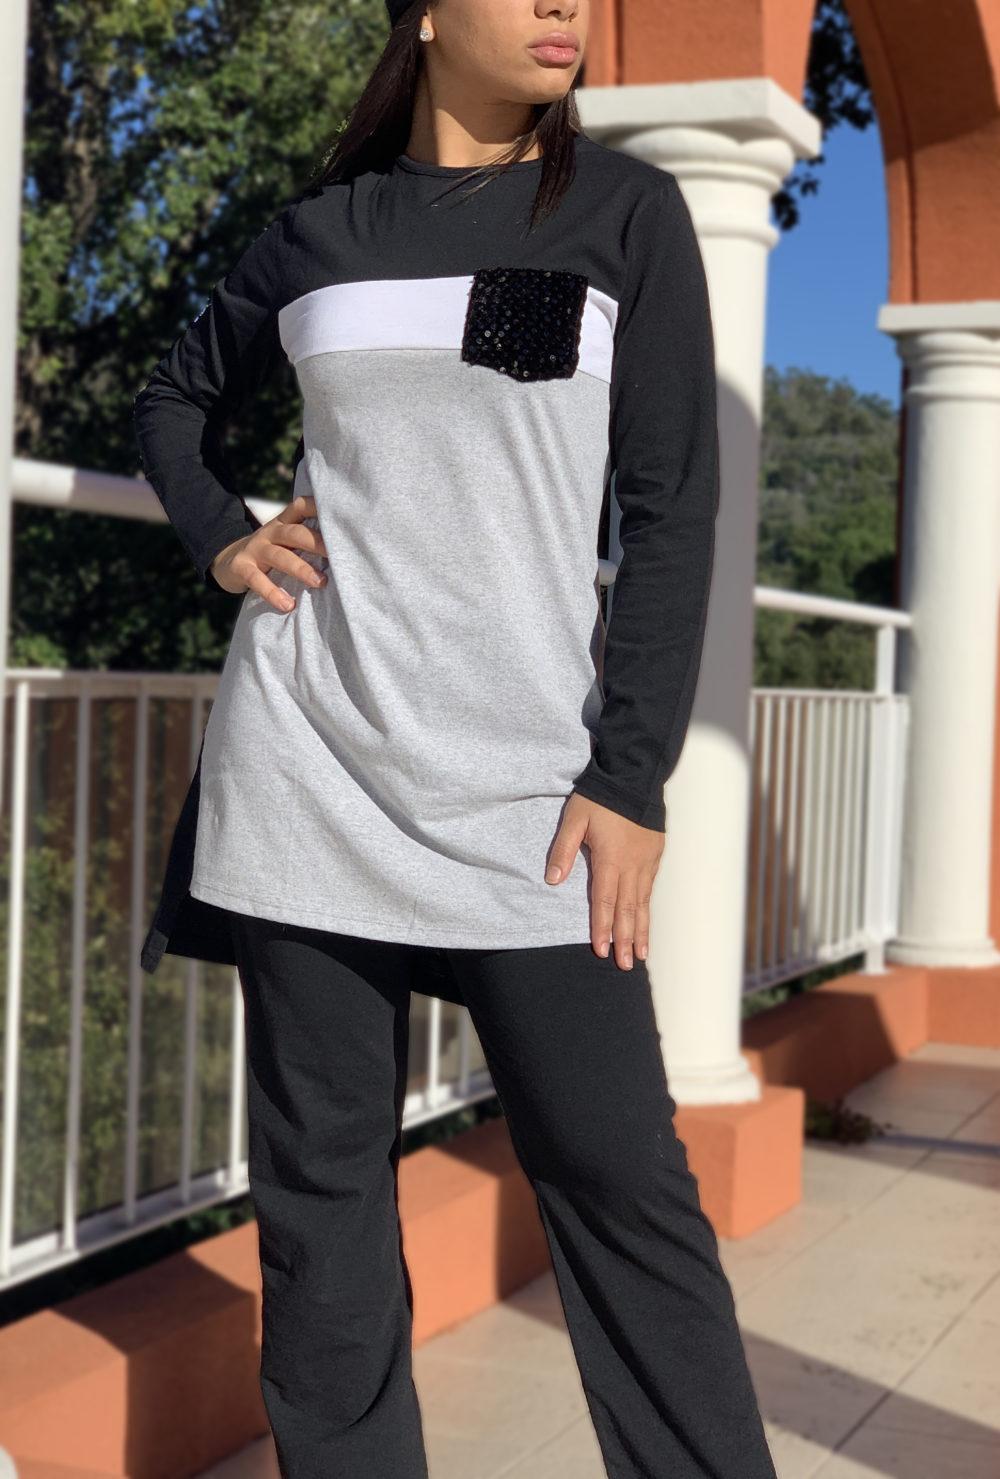 Ensemble tricolore blanc noir gris